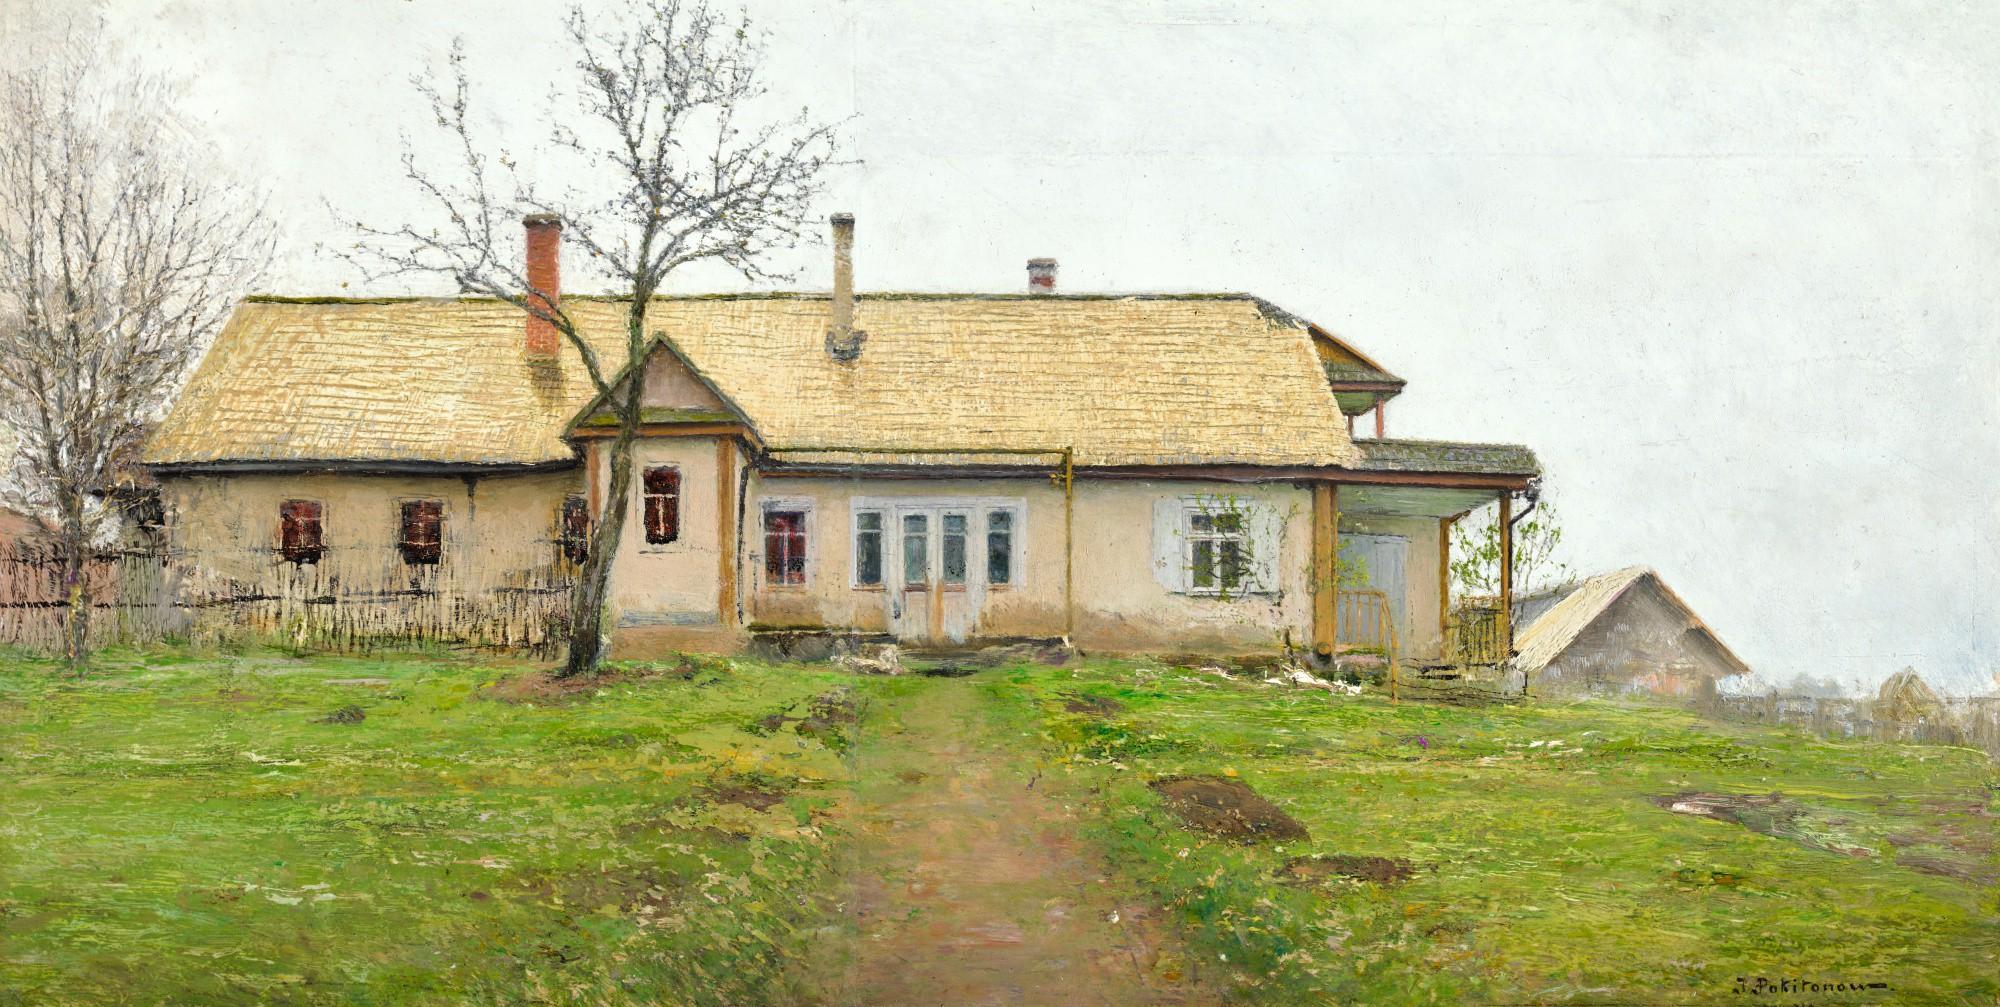 IVAN PAVLOVICH POKHITONOV | THE NEW HOUSE AT ZHABOVSHCHIZNA, NEAR MINSK